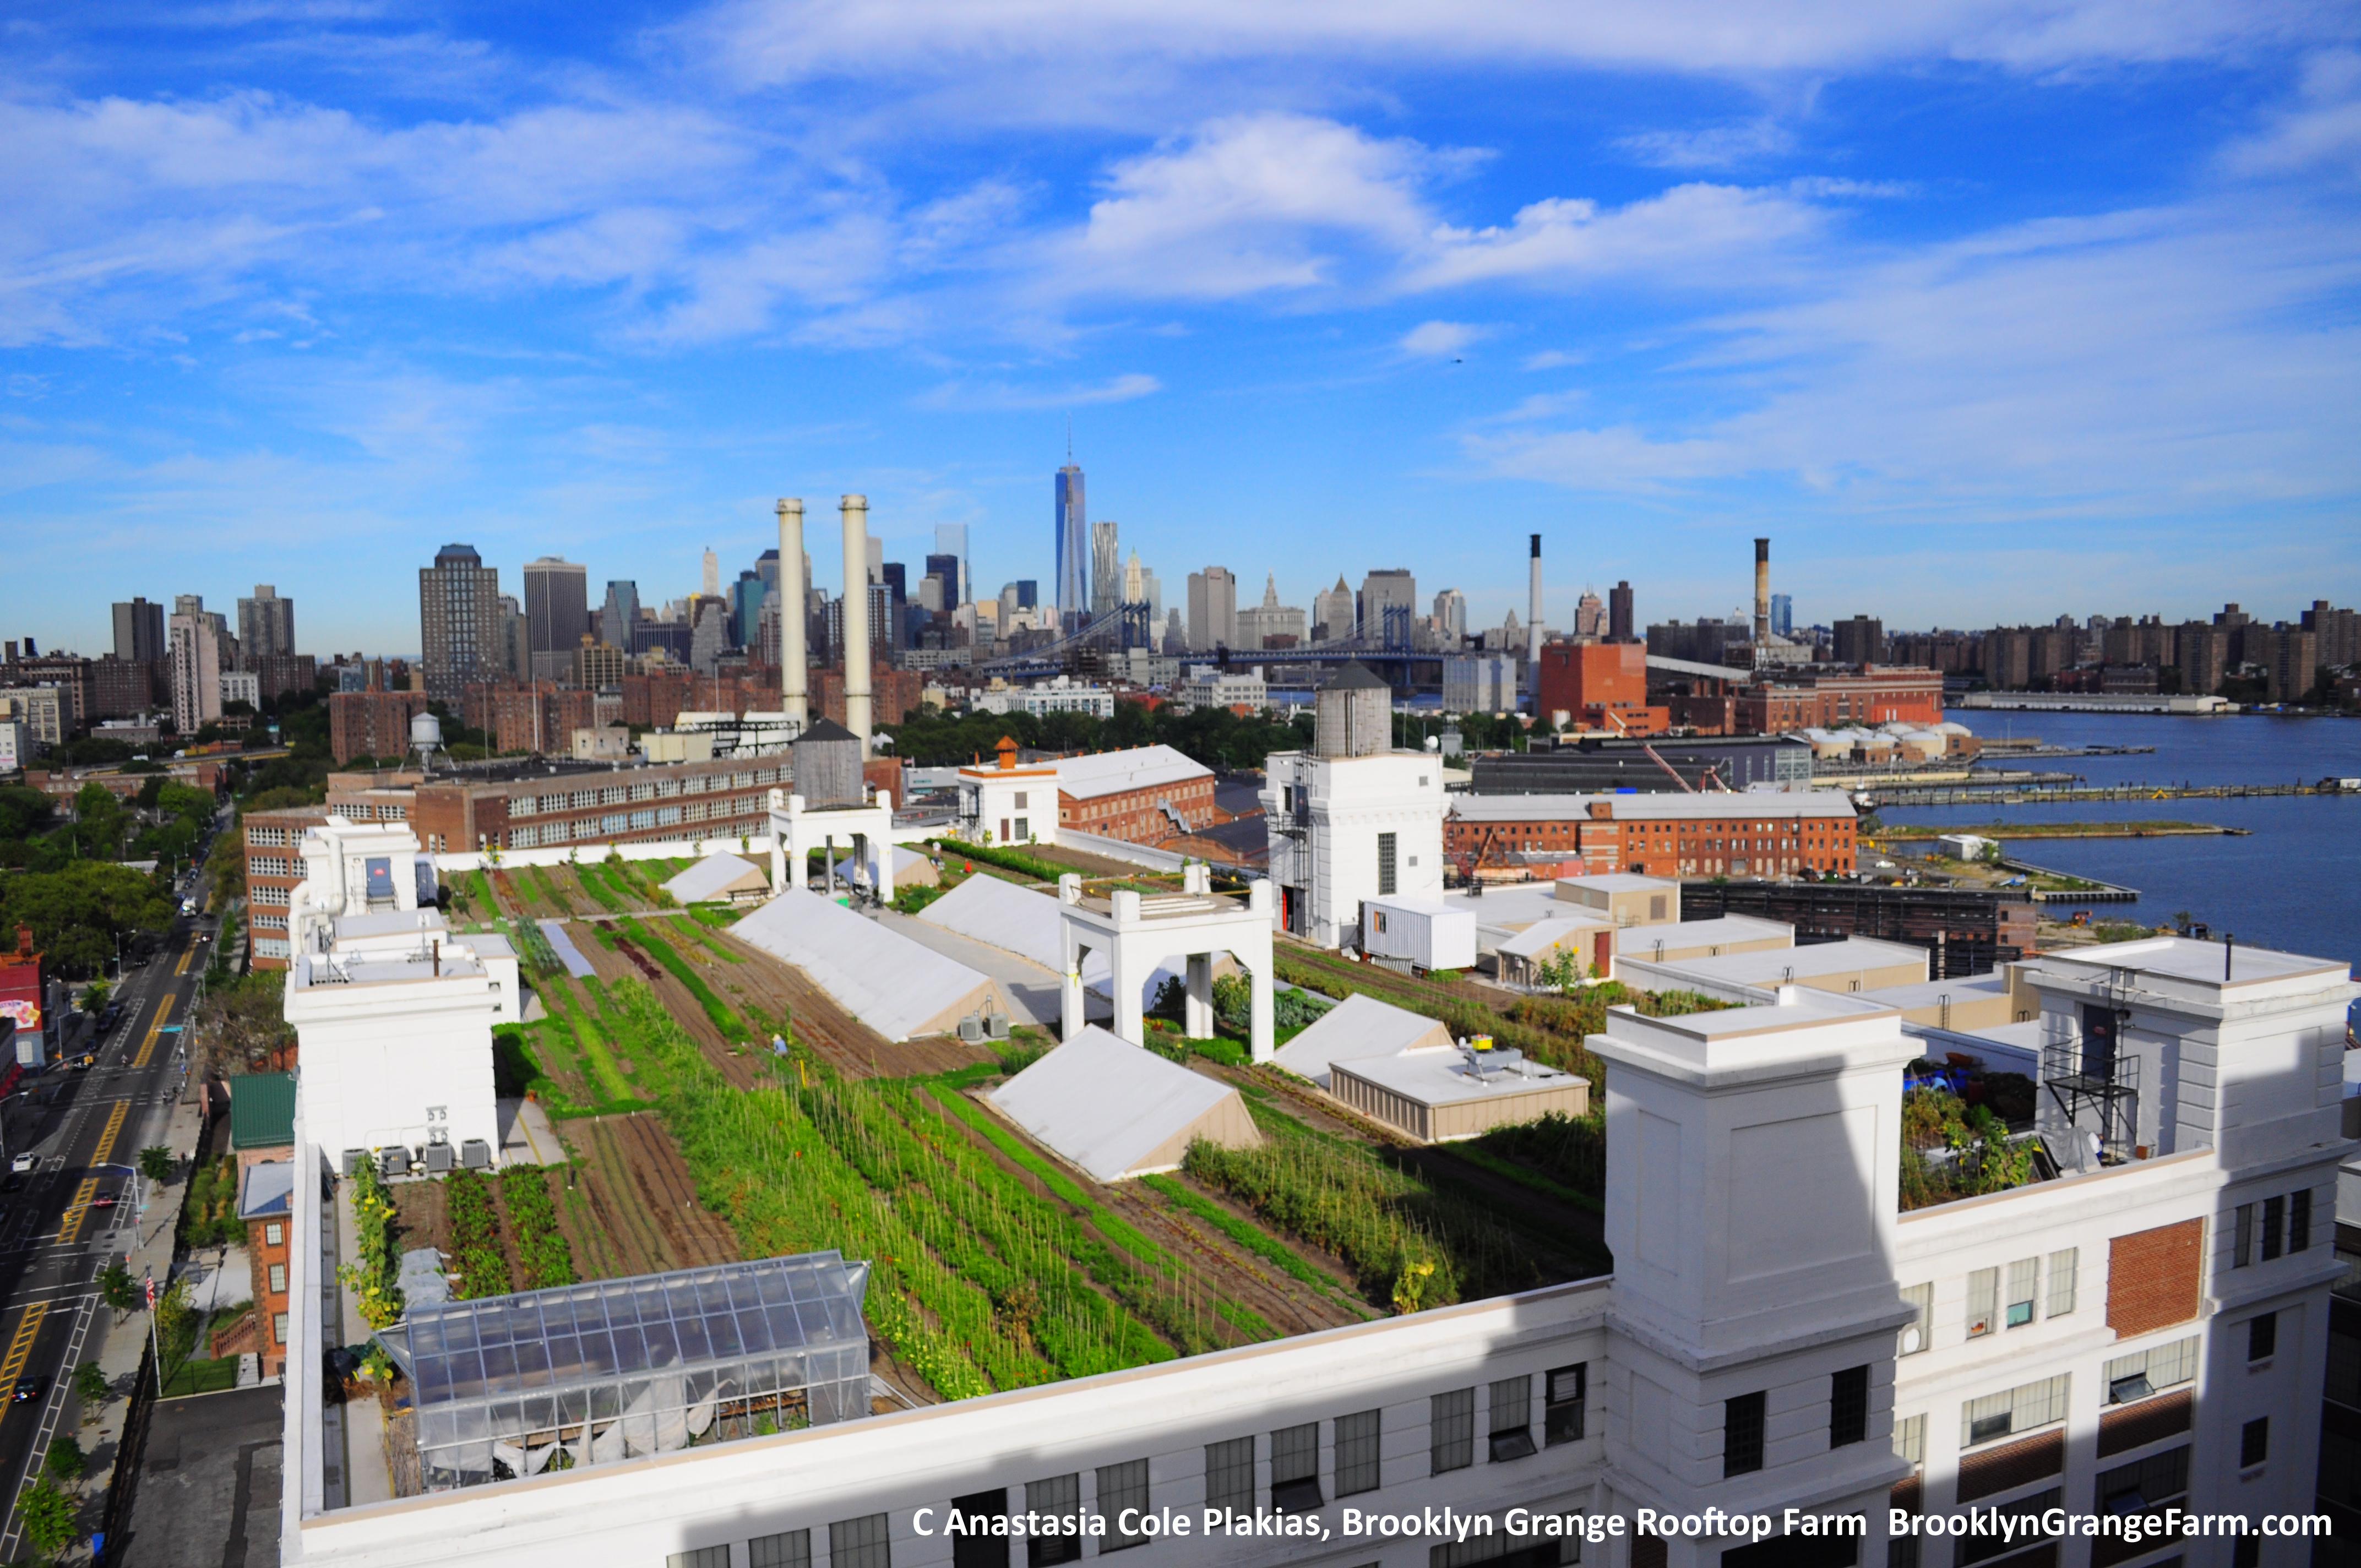 BrooklynNavyYardFarmAerial.jpg